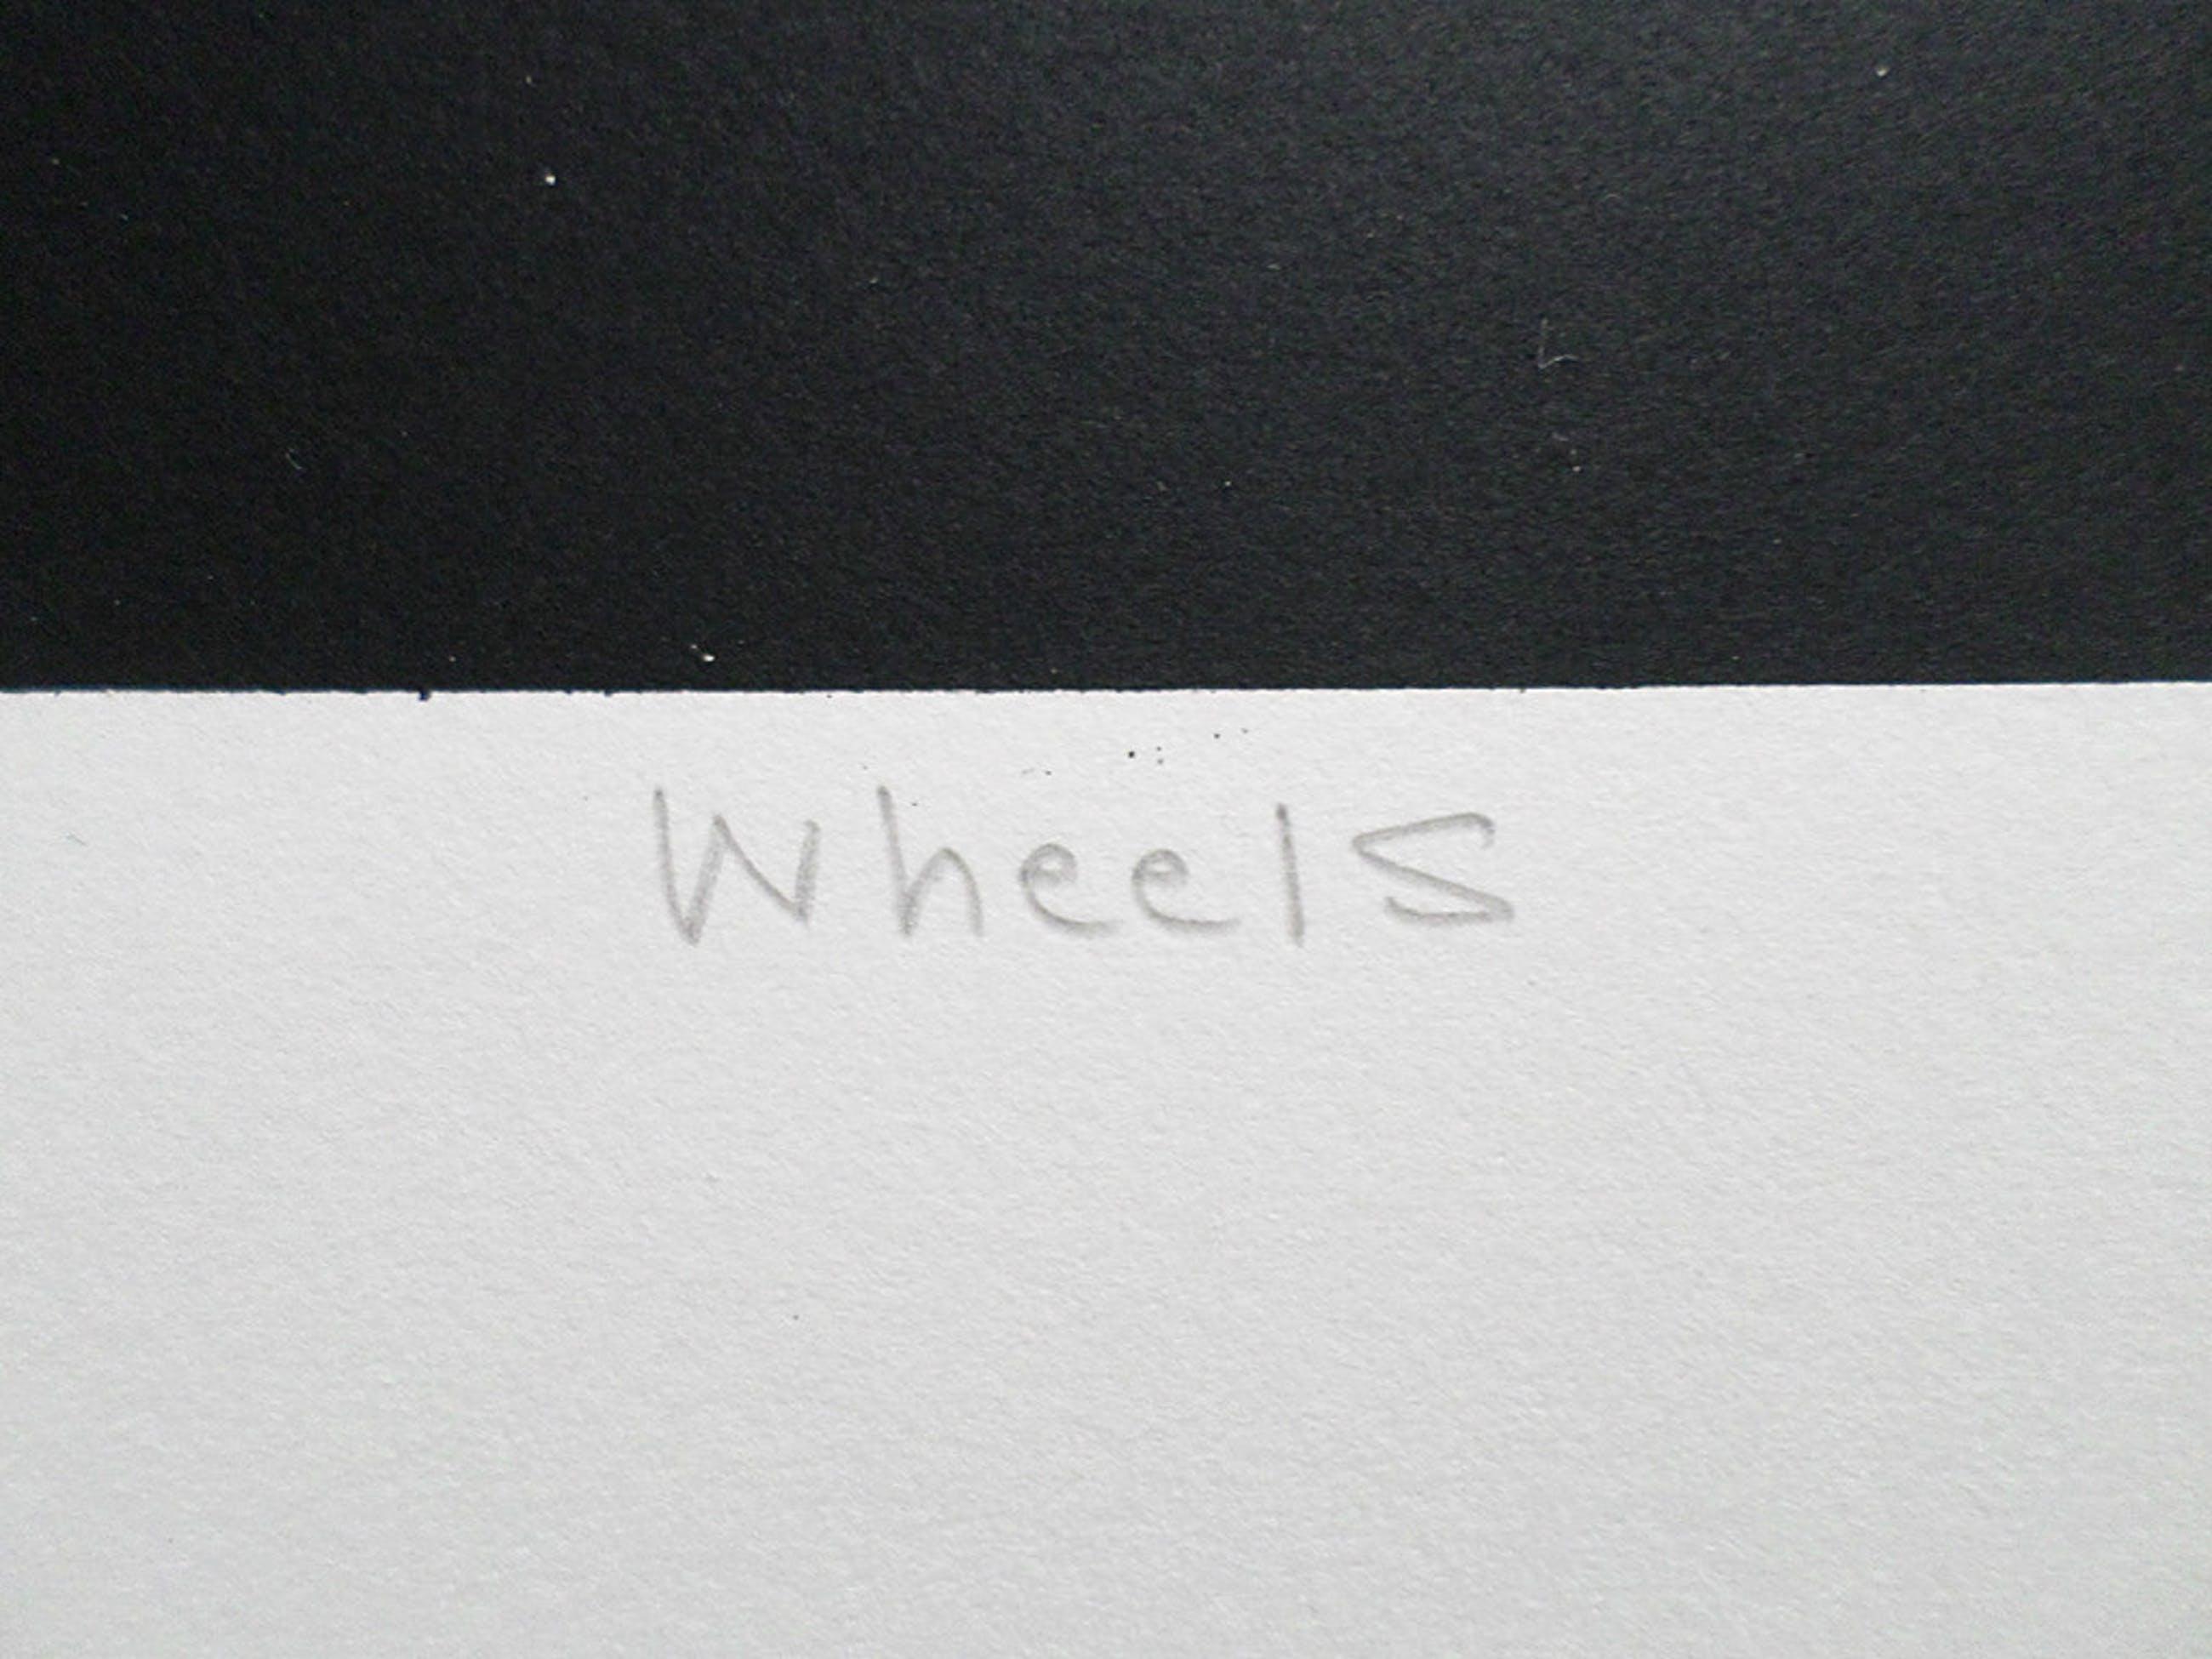 Hans Wap - Wheels, zeefdruk kopen? Bied vanaf 45!